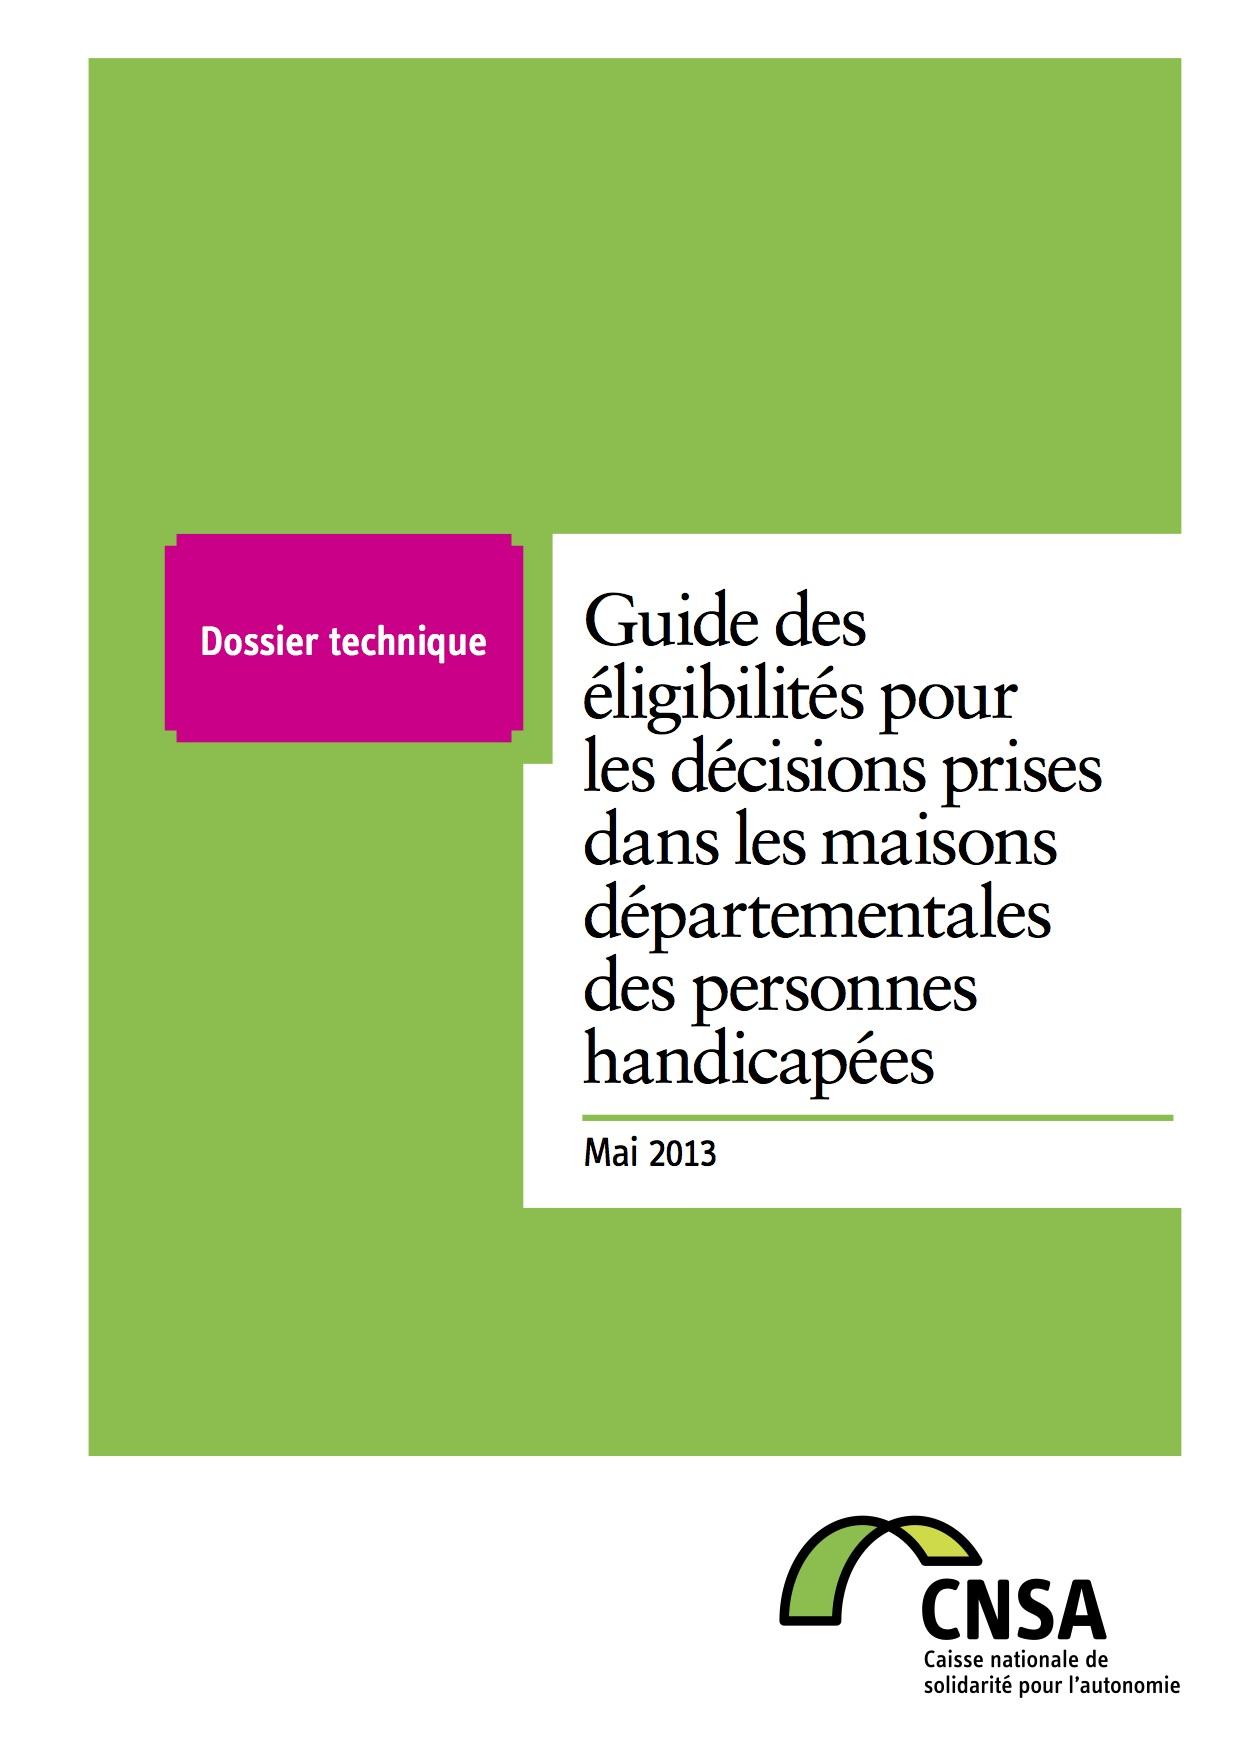 Guide des éligibilités pour les décisions prises dans les maisons départementales des personnes handicapées (PDF, 1.42 Mo)